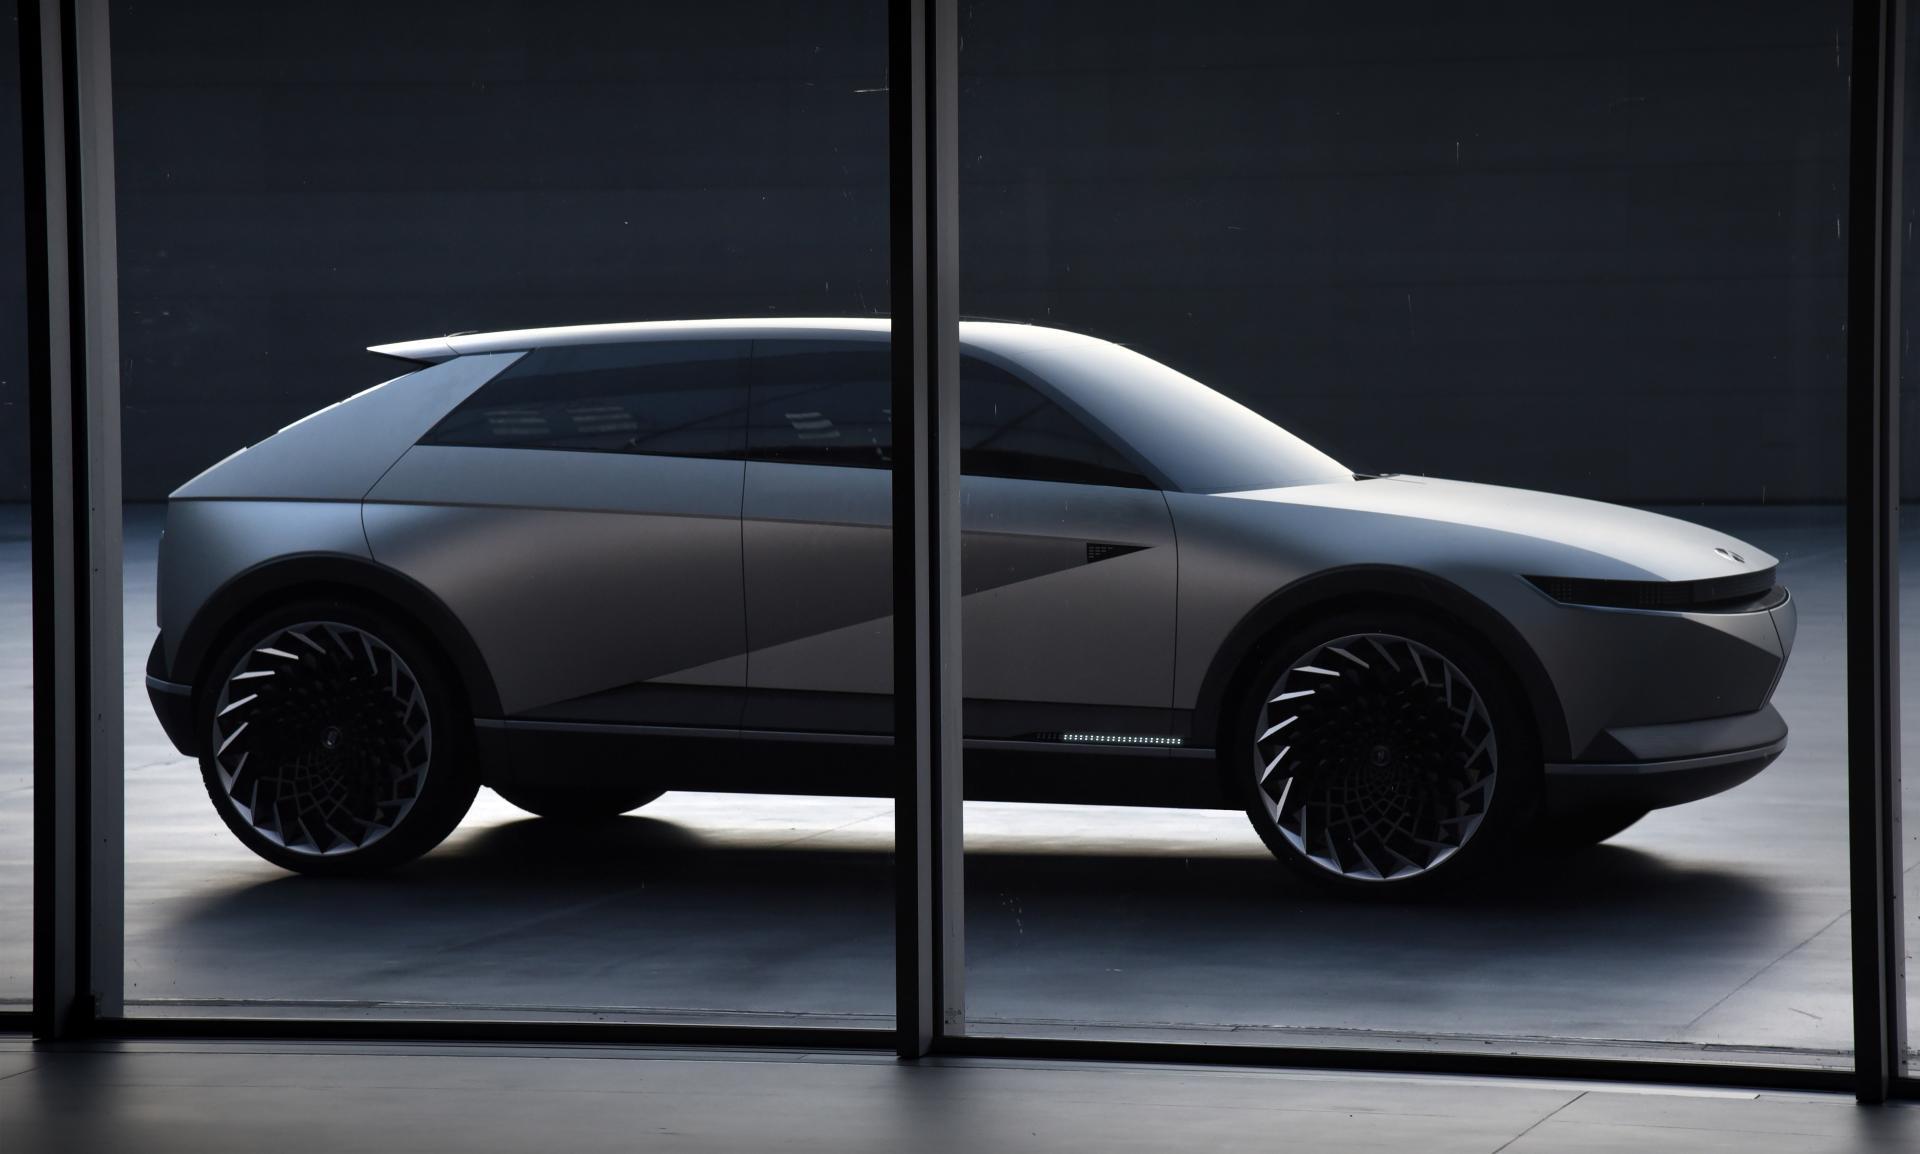 Hyundai veröffentlicht weitere Details zum Elektro Crossover-SUV IONIQ 5